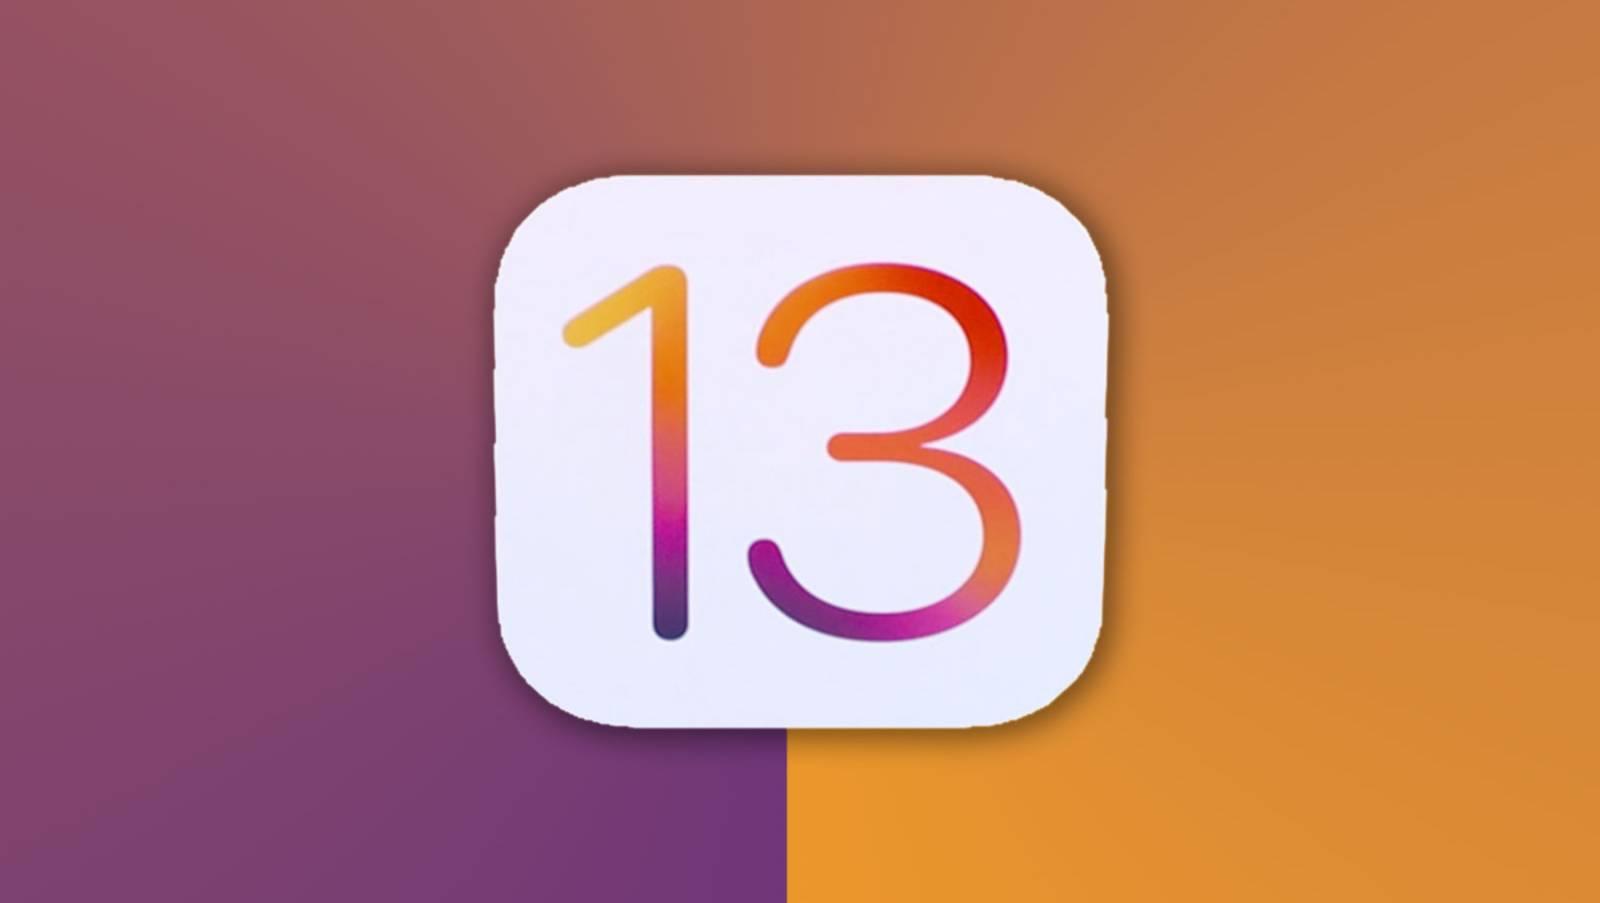 iOS 13.1 a fost LANSAT pentru iPhone, iPad, iPod Touch de Apple